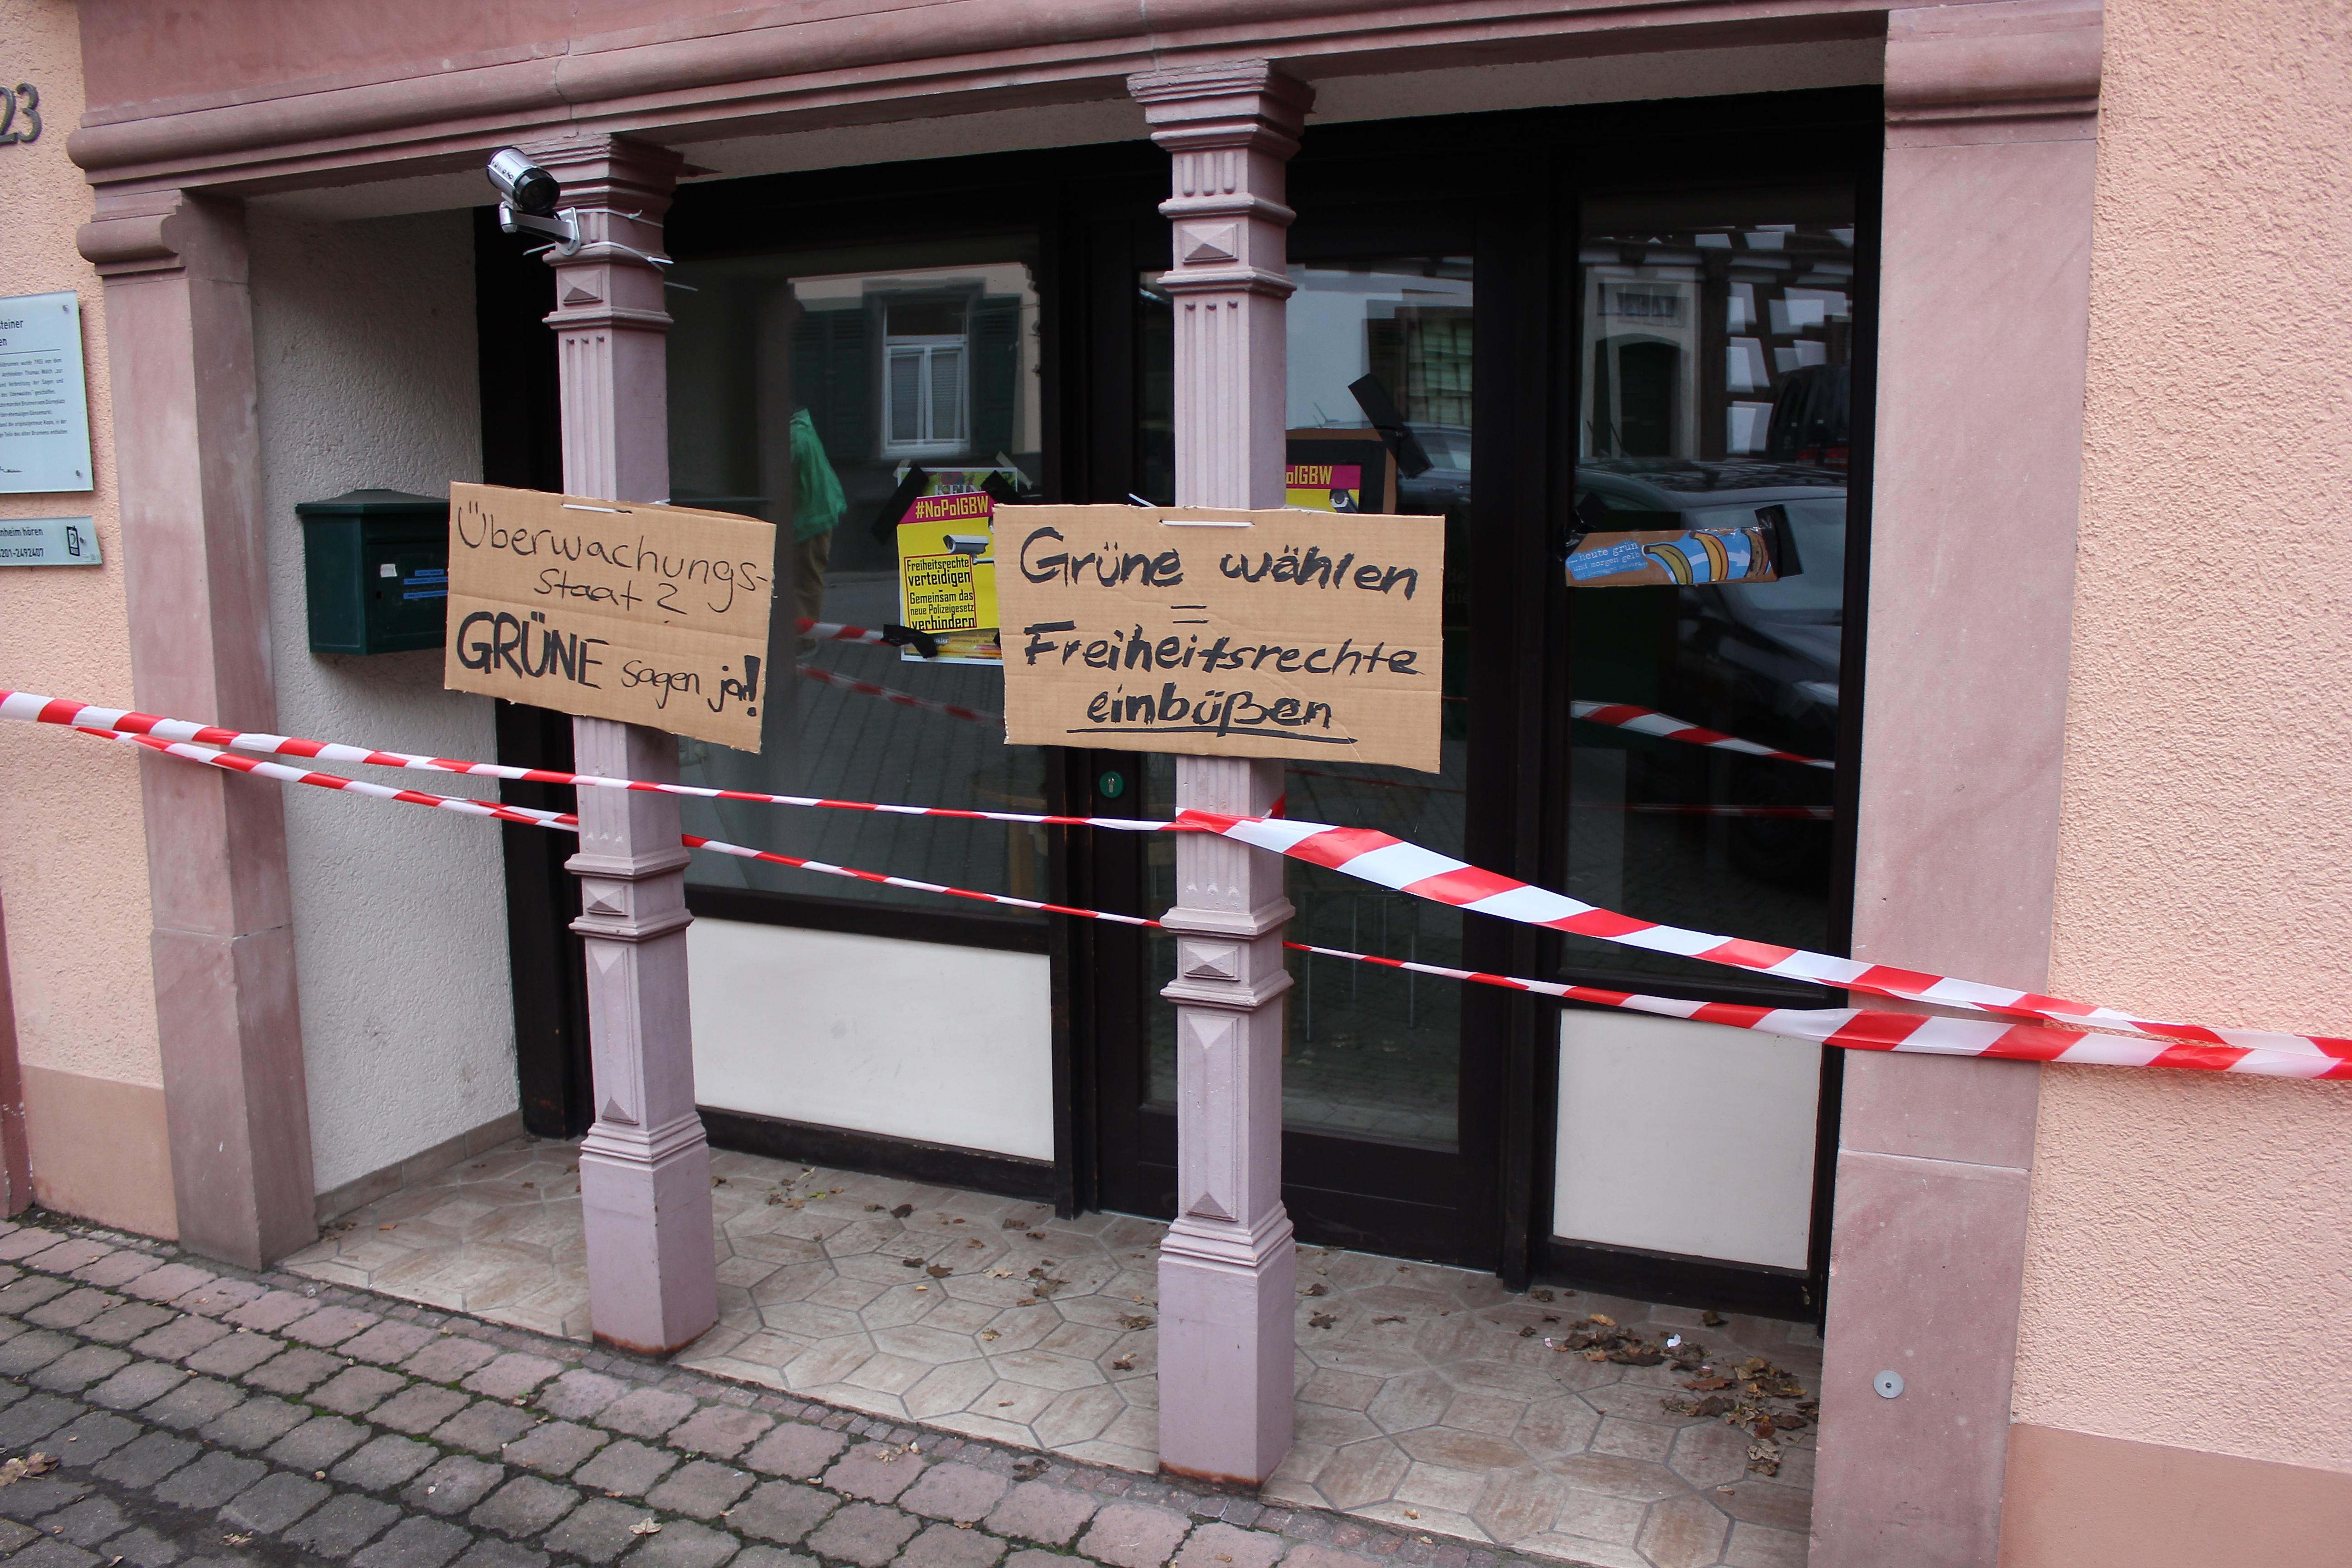 Grüne Büro Weinheim markiert